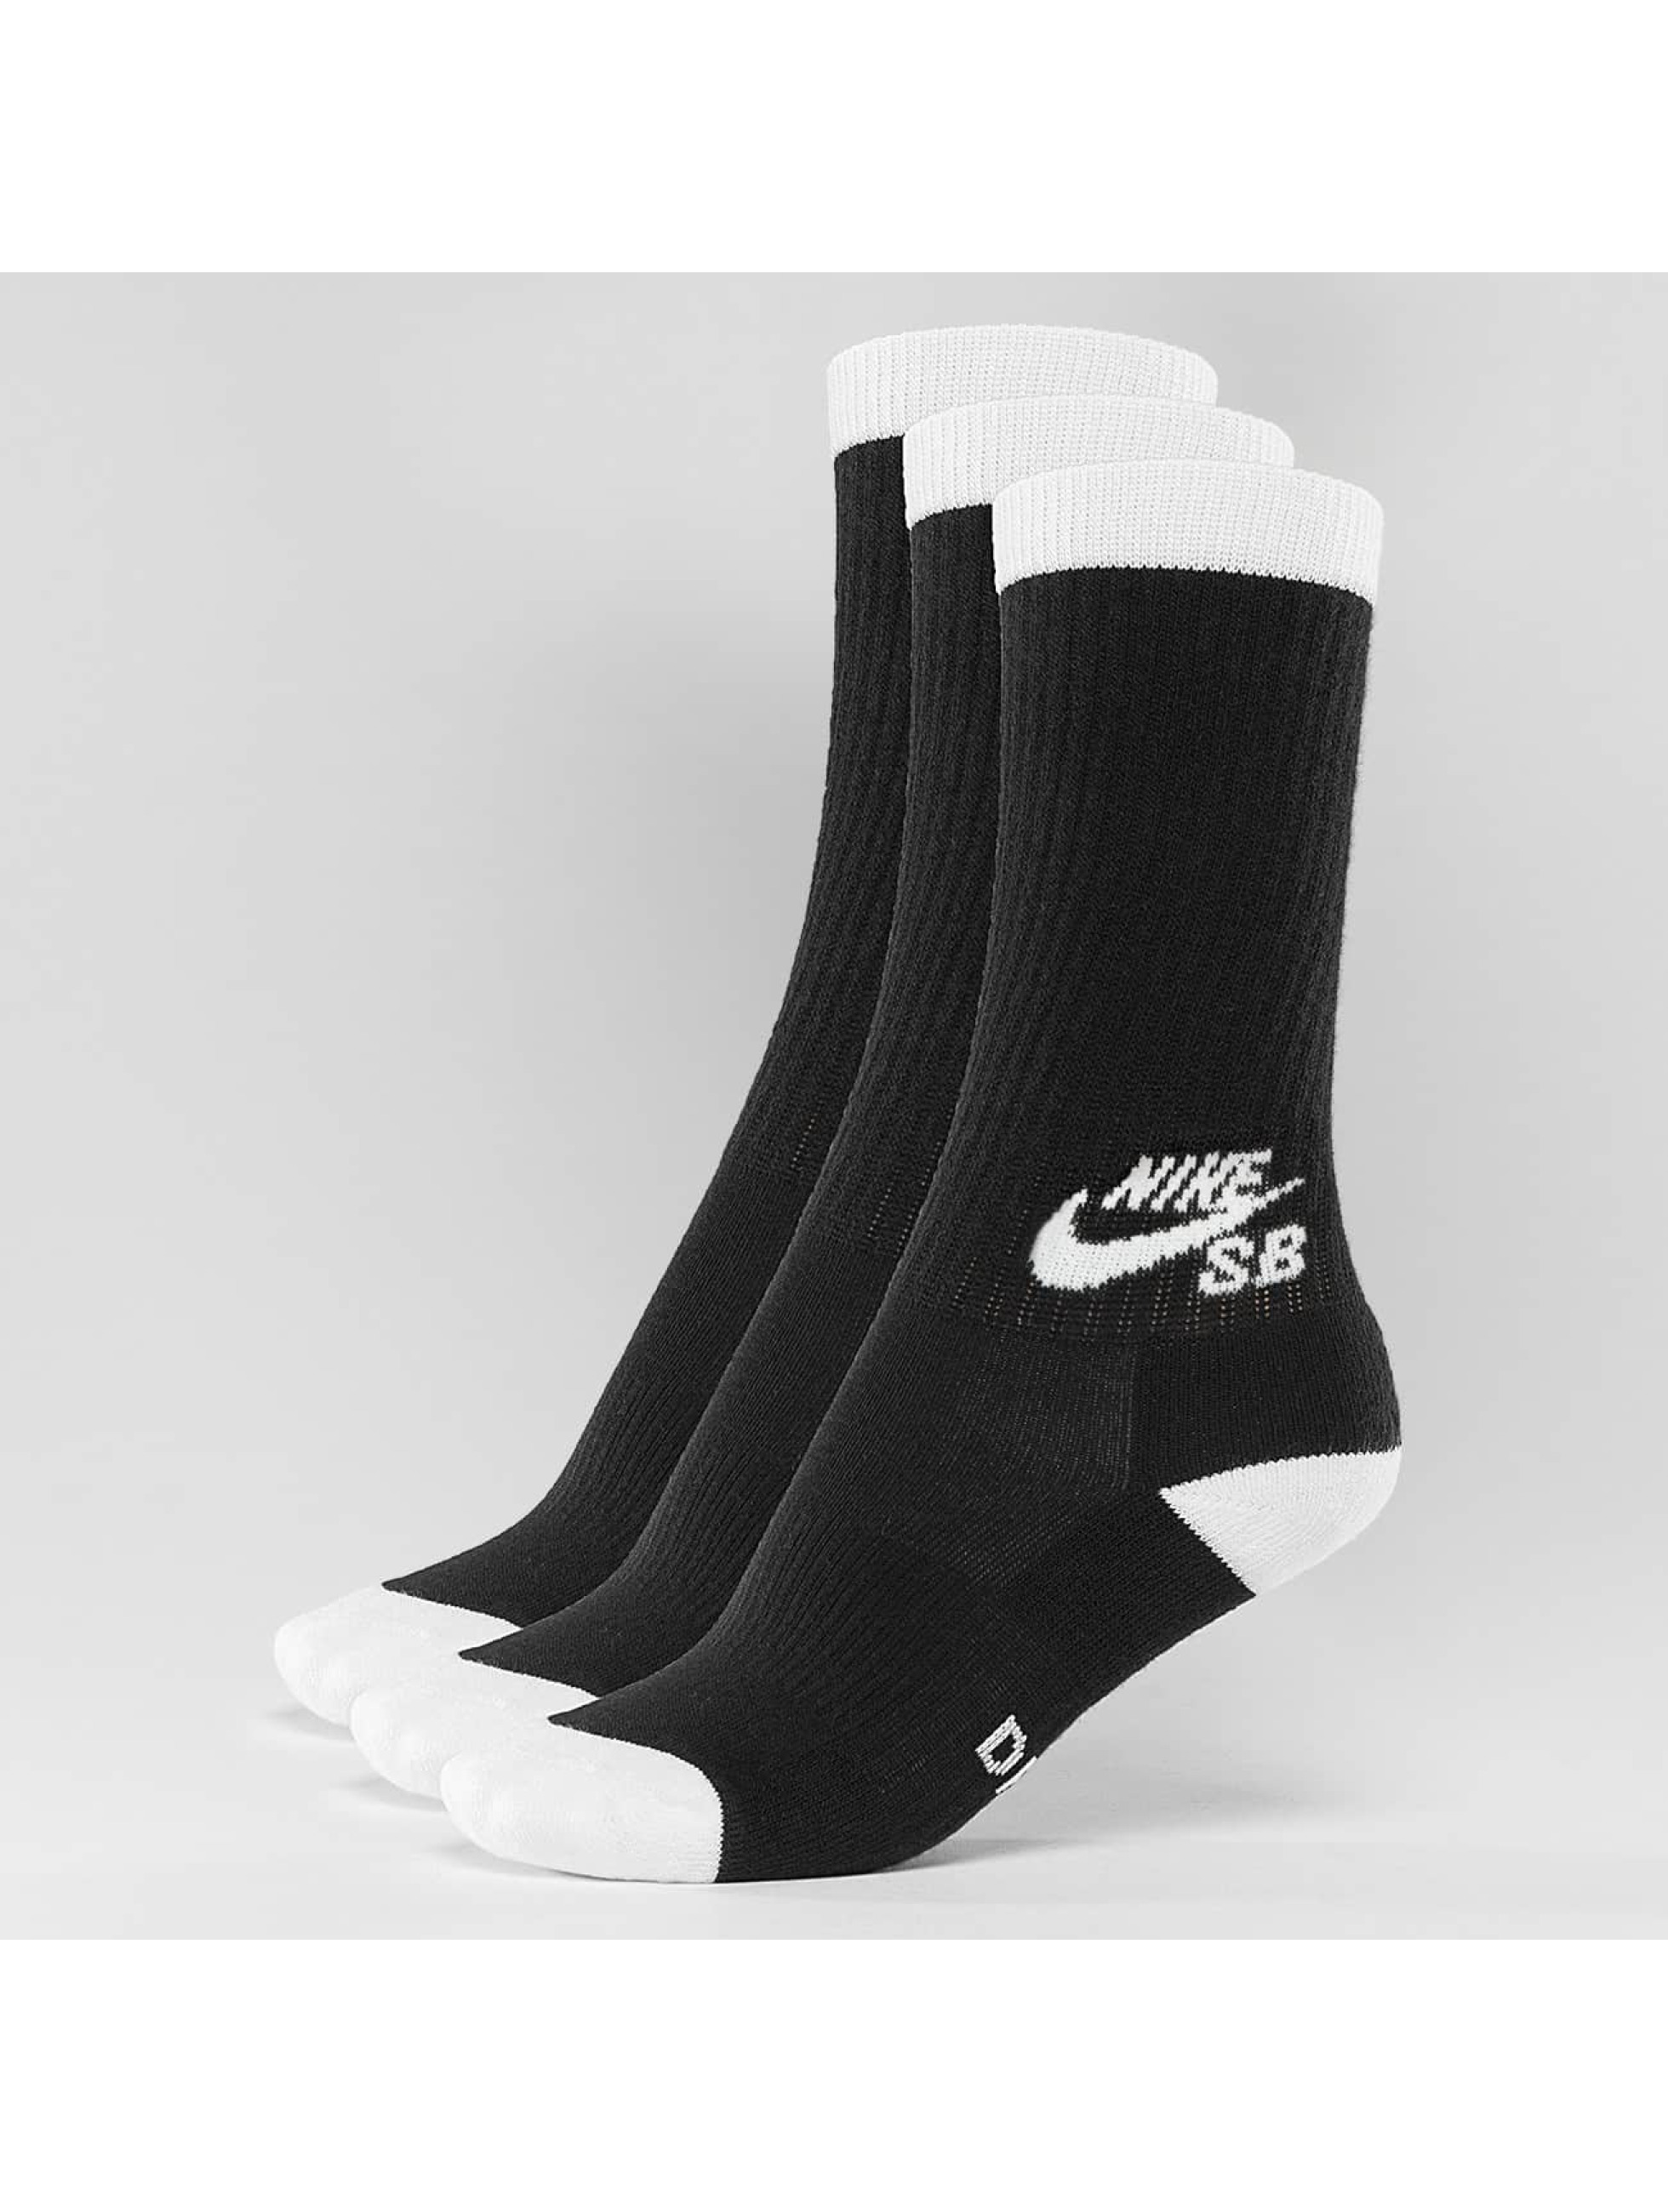 Nike SB Socks Skateboarding Crew black